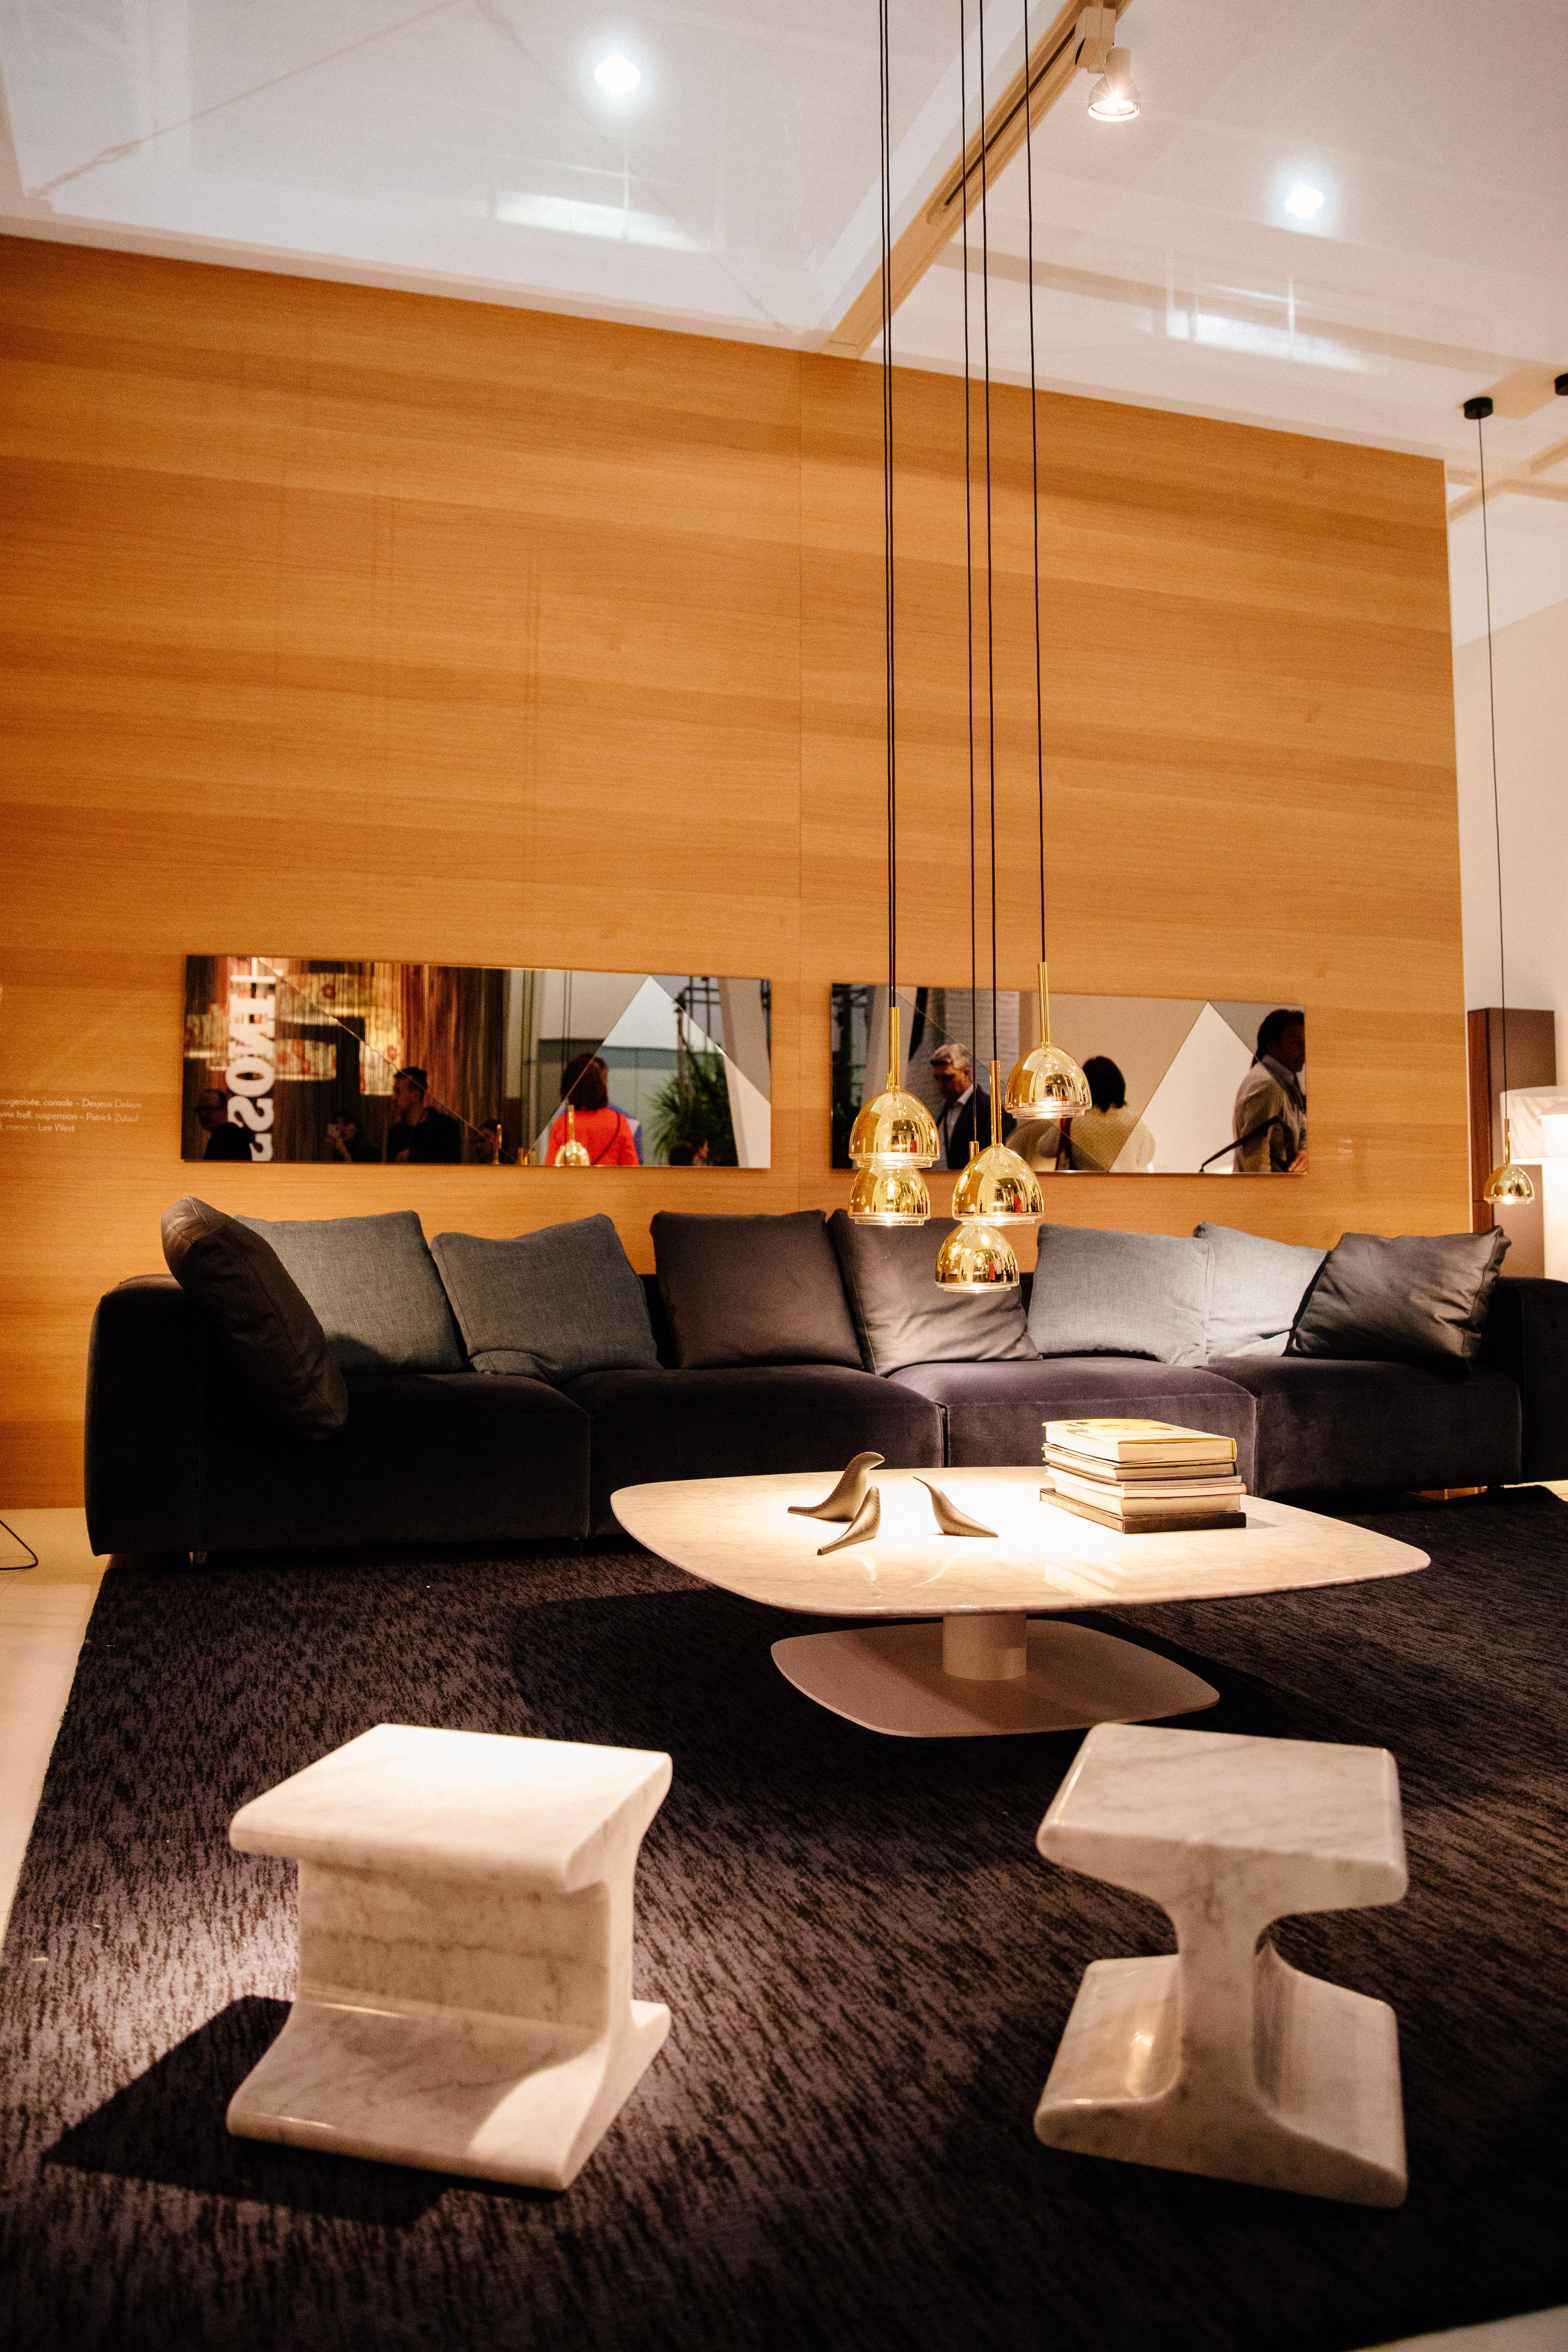 décoration vert et doré - mur de bois - luminaire doré - mobilier en marbre